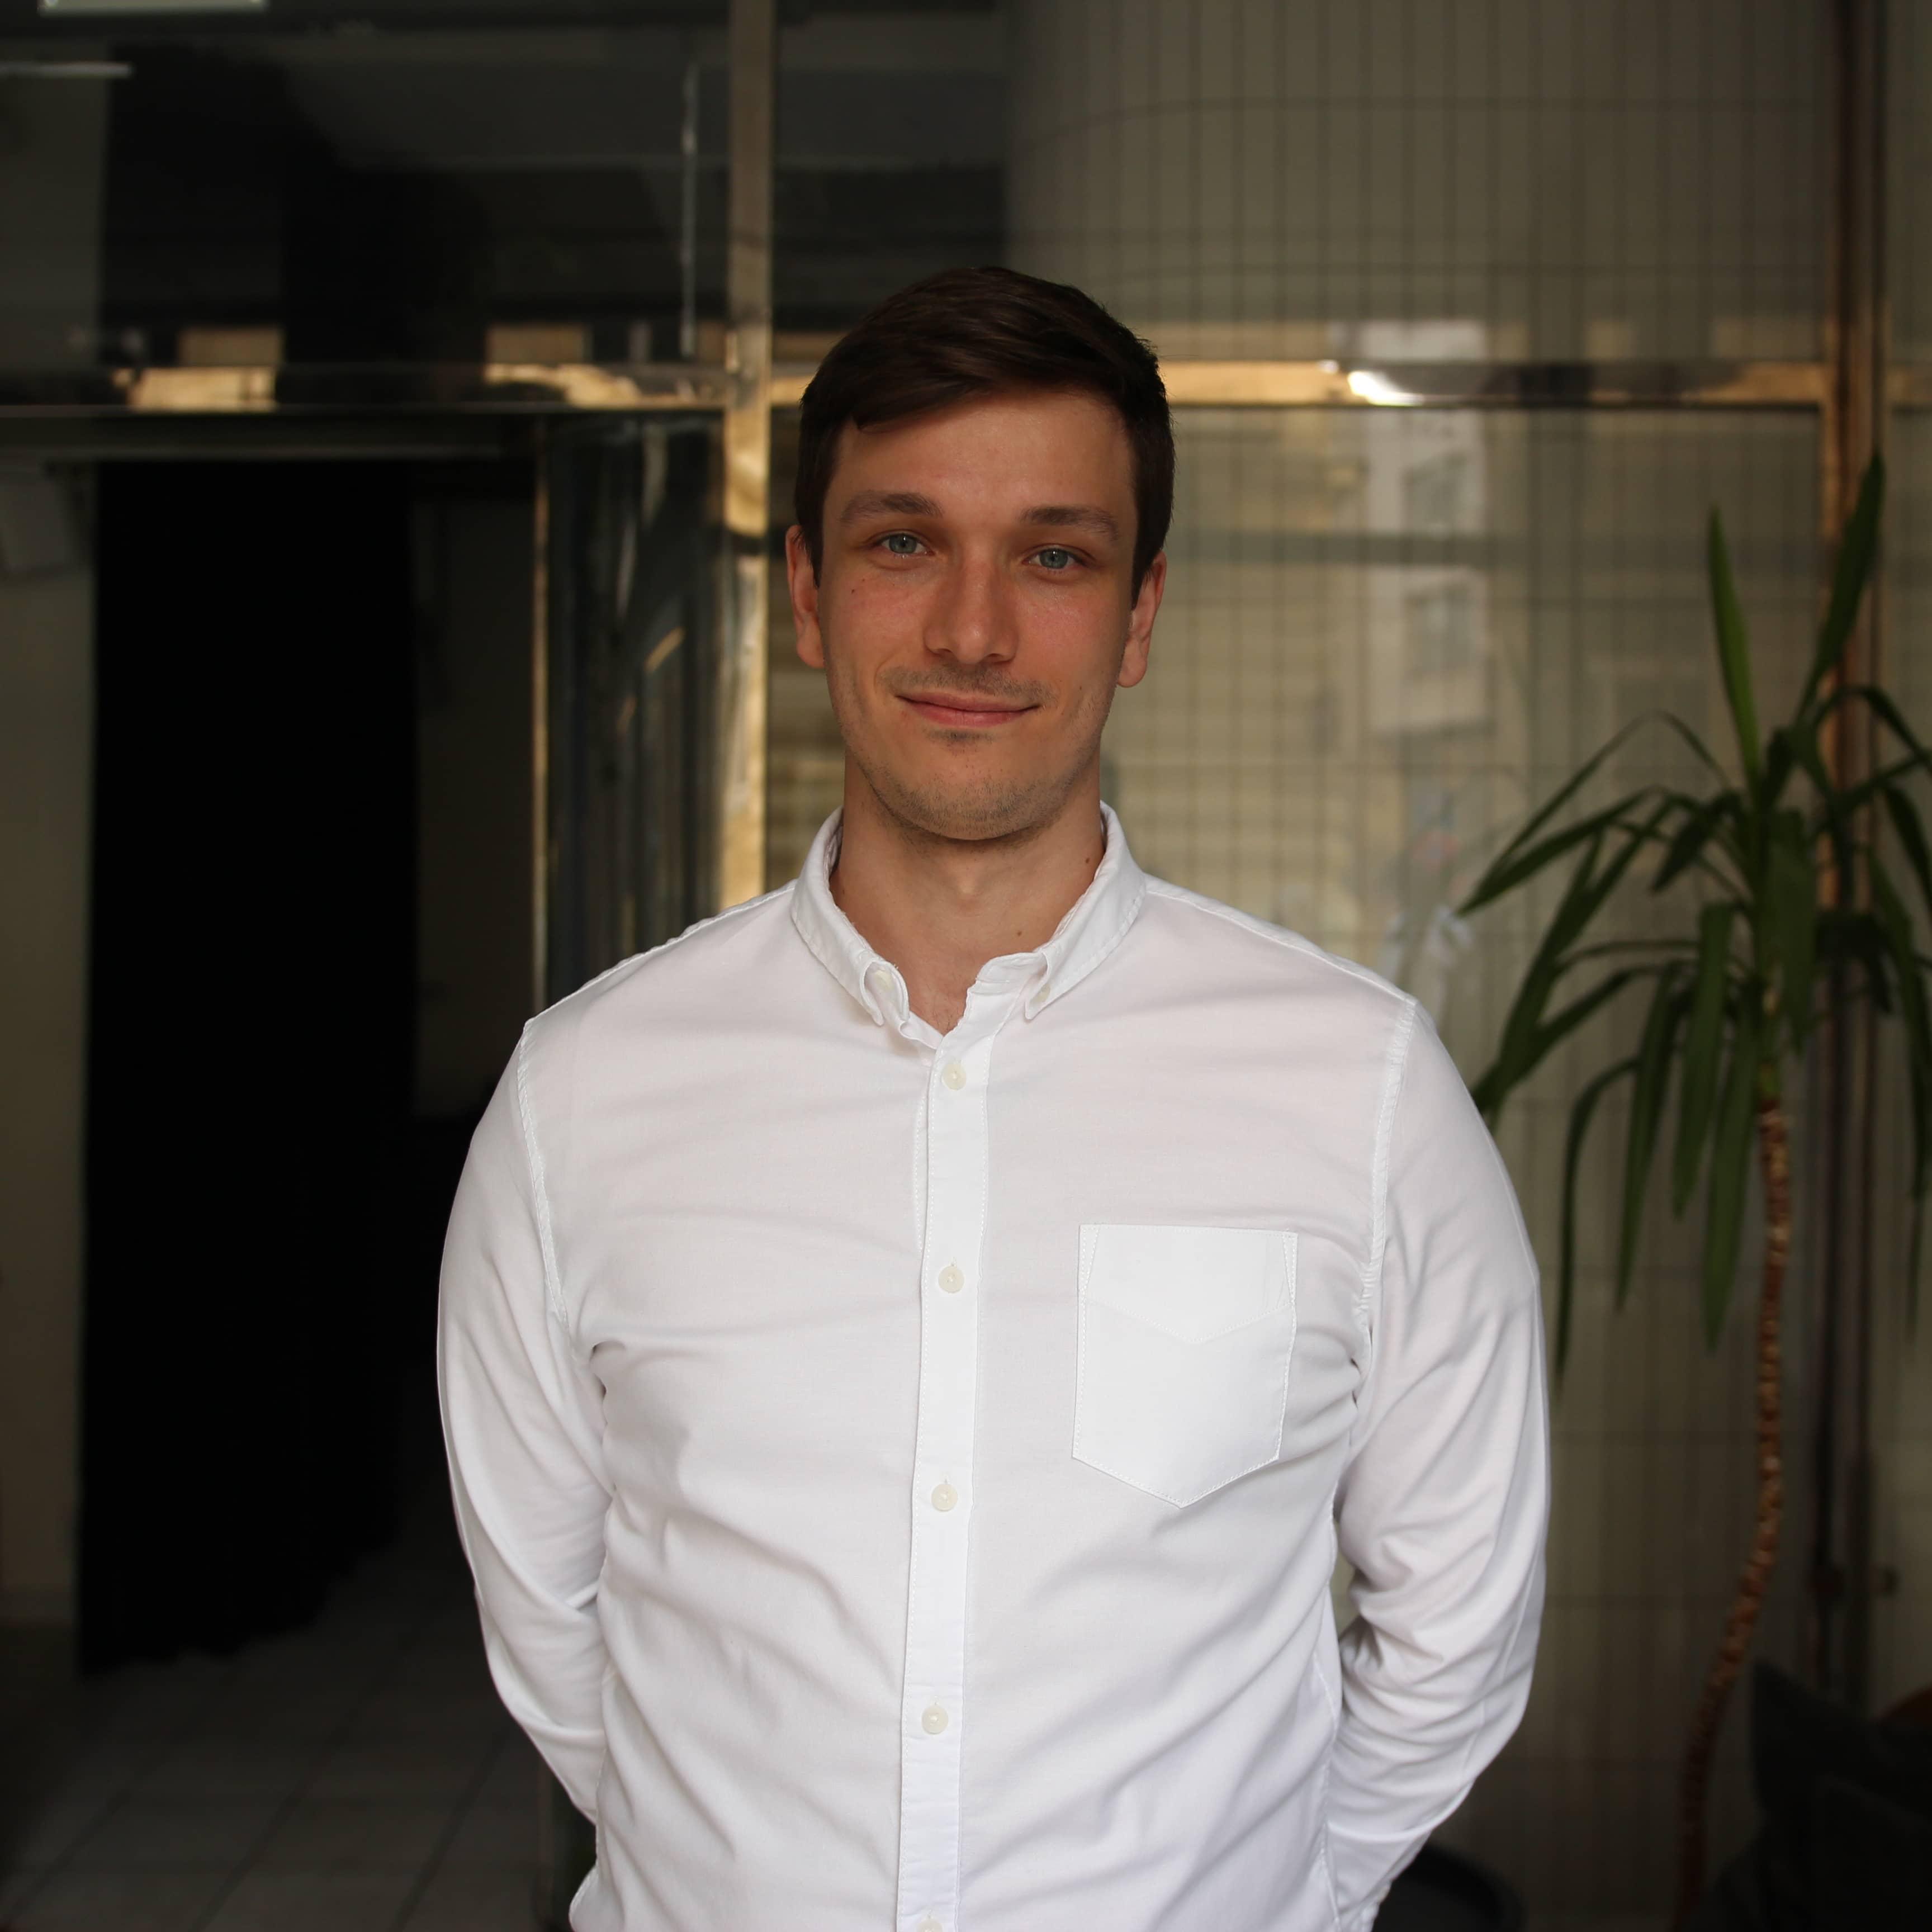 Michal Vinc